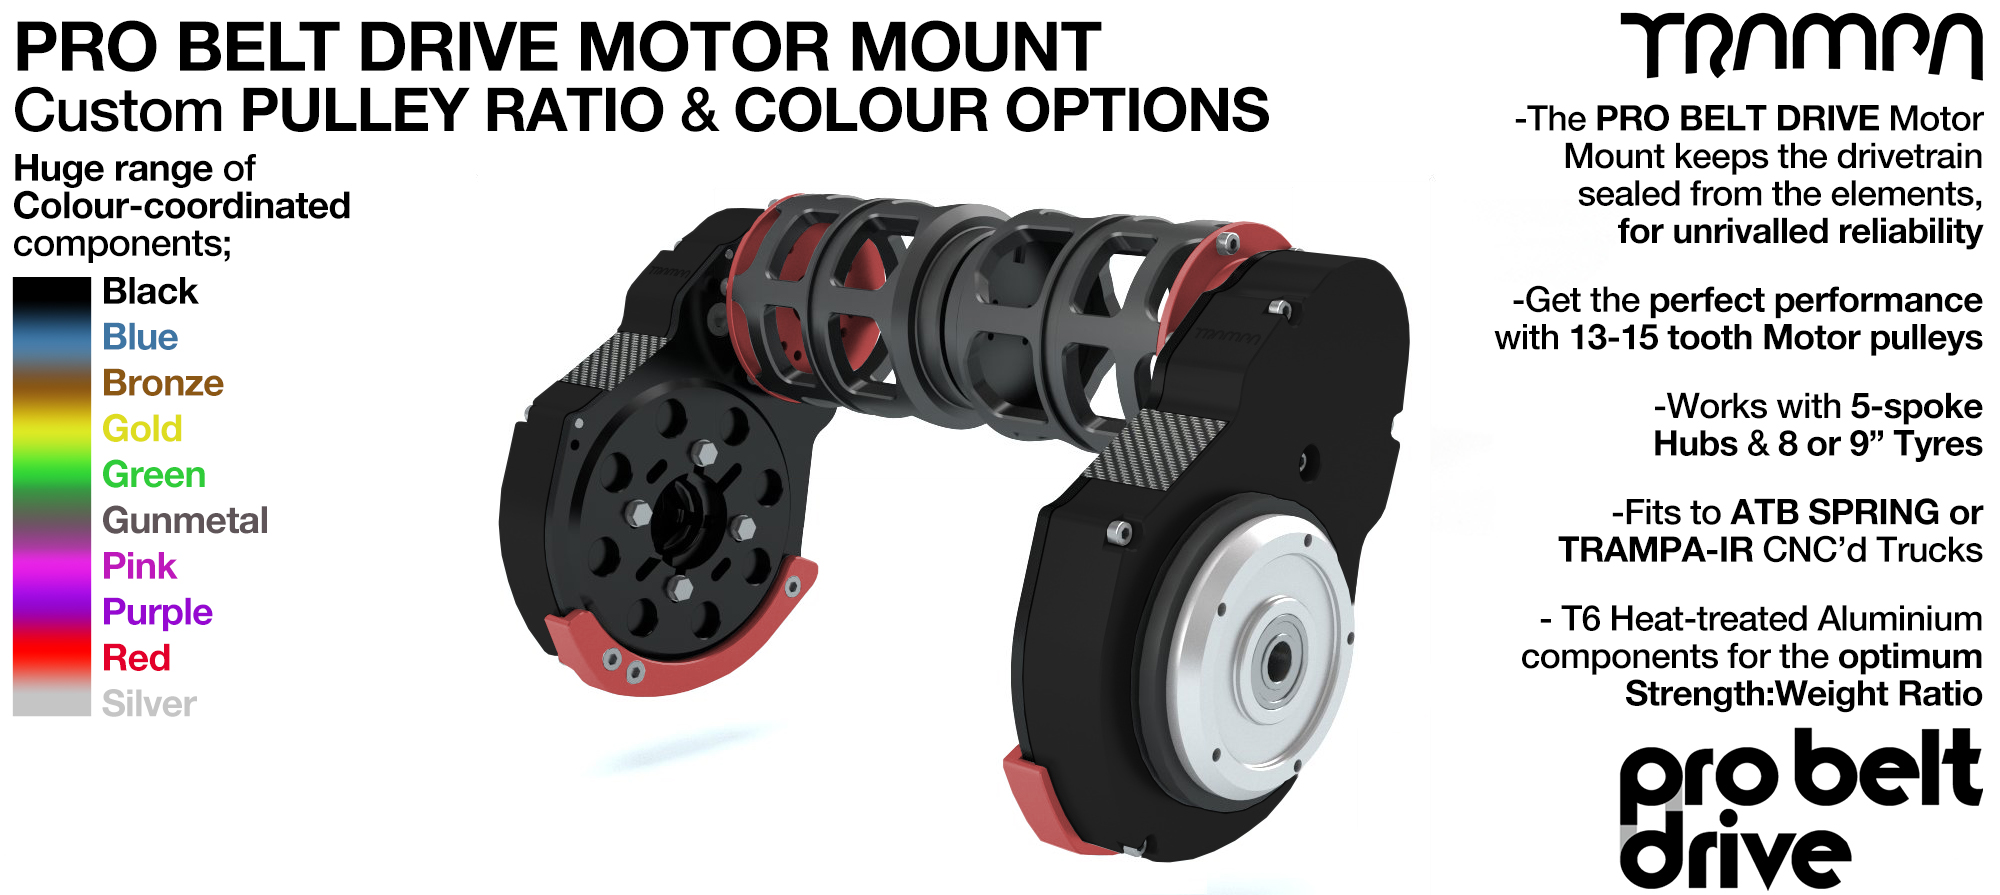 Mountainboard PRO Belt Drive TWIN Motor Mounts